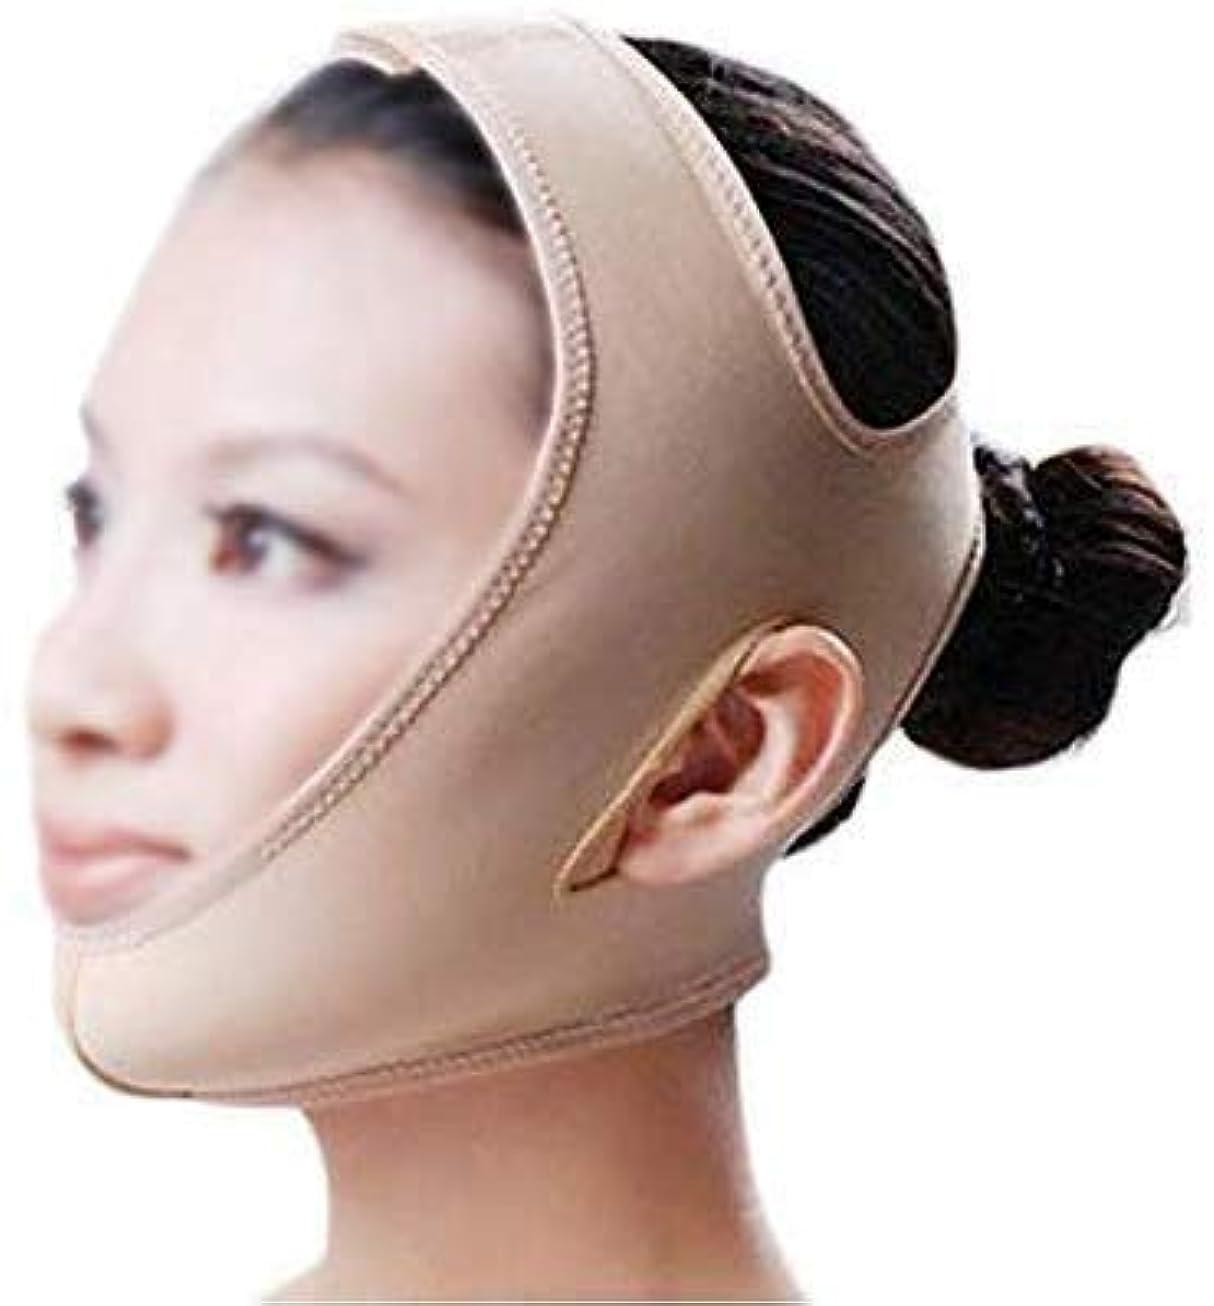 カヌー故国モード美容と実用的な引き締めフェイスマスク、マスクフェイシャルマスク美容薬フェイスマスク美容V顔包帯ライン彫刻リフティング引き締め引き締めダブルチンマスク(サイズ:S)